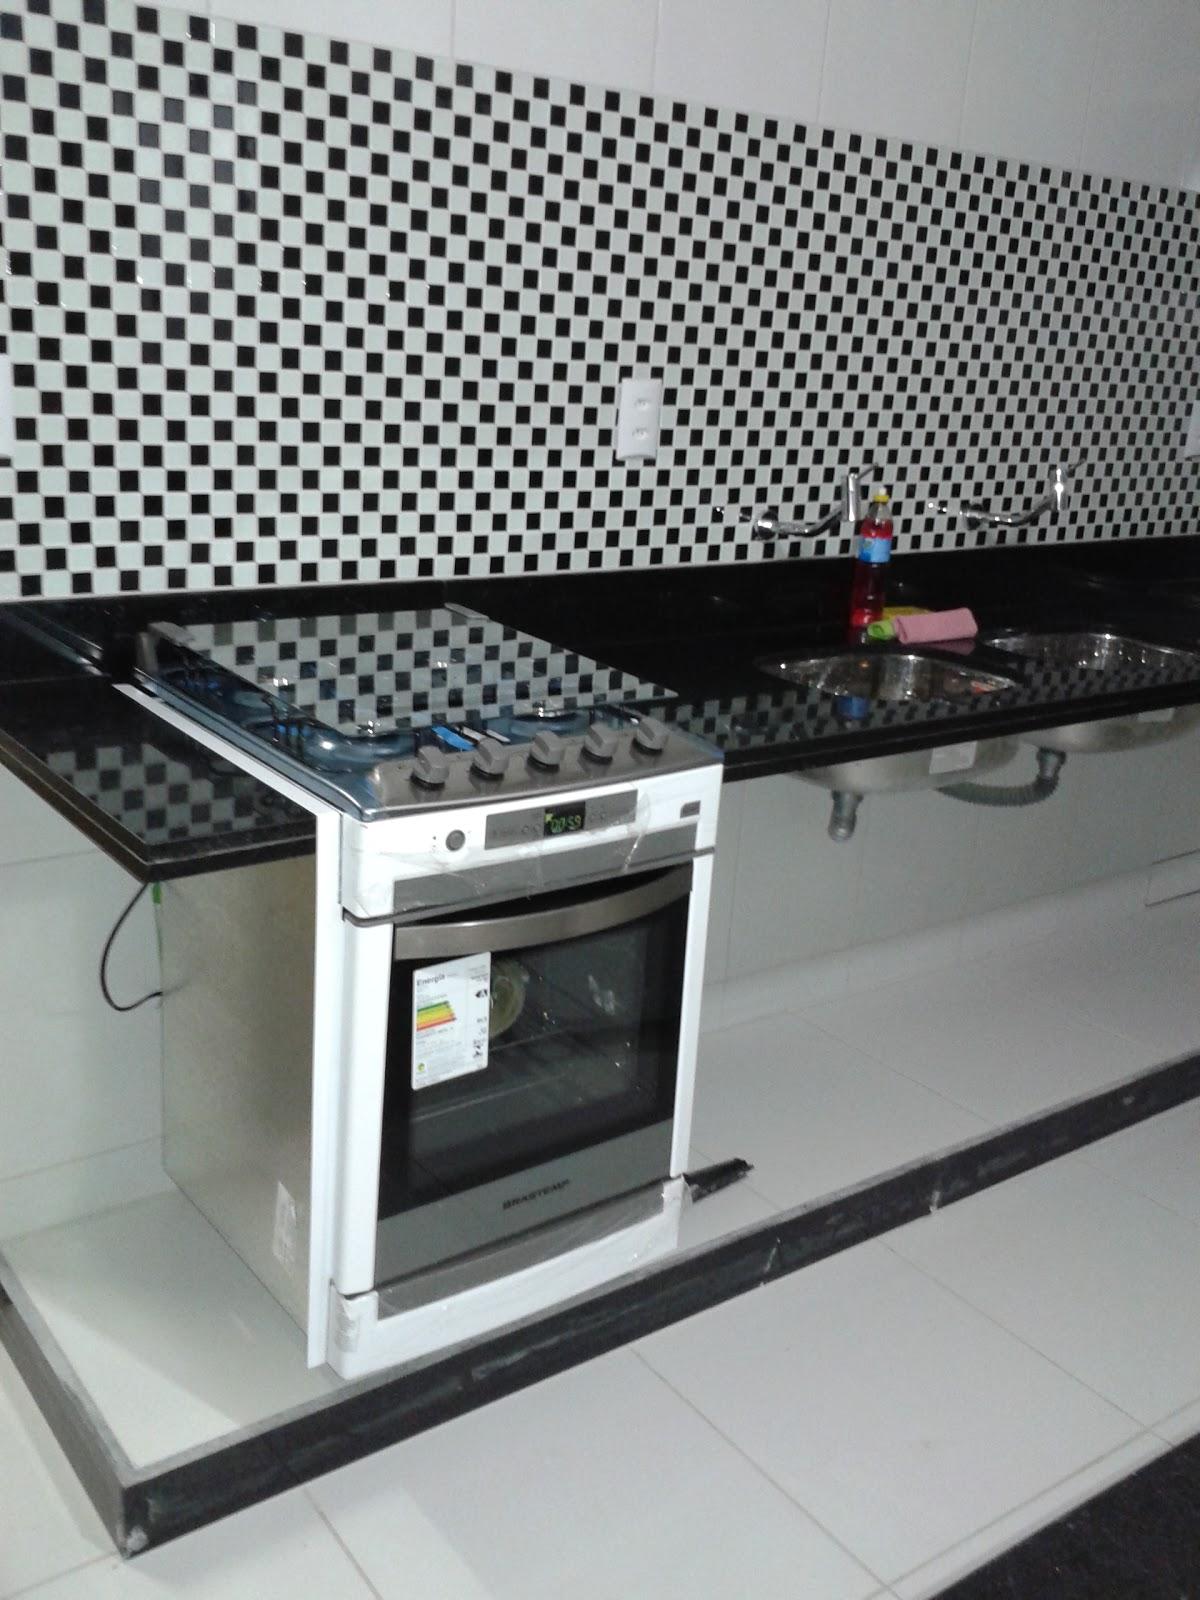 Reforma Urgente!!!: Cozinha área de serviço Entrada do Apto e  #465159 1200 1600